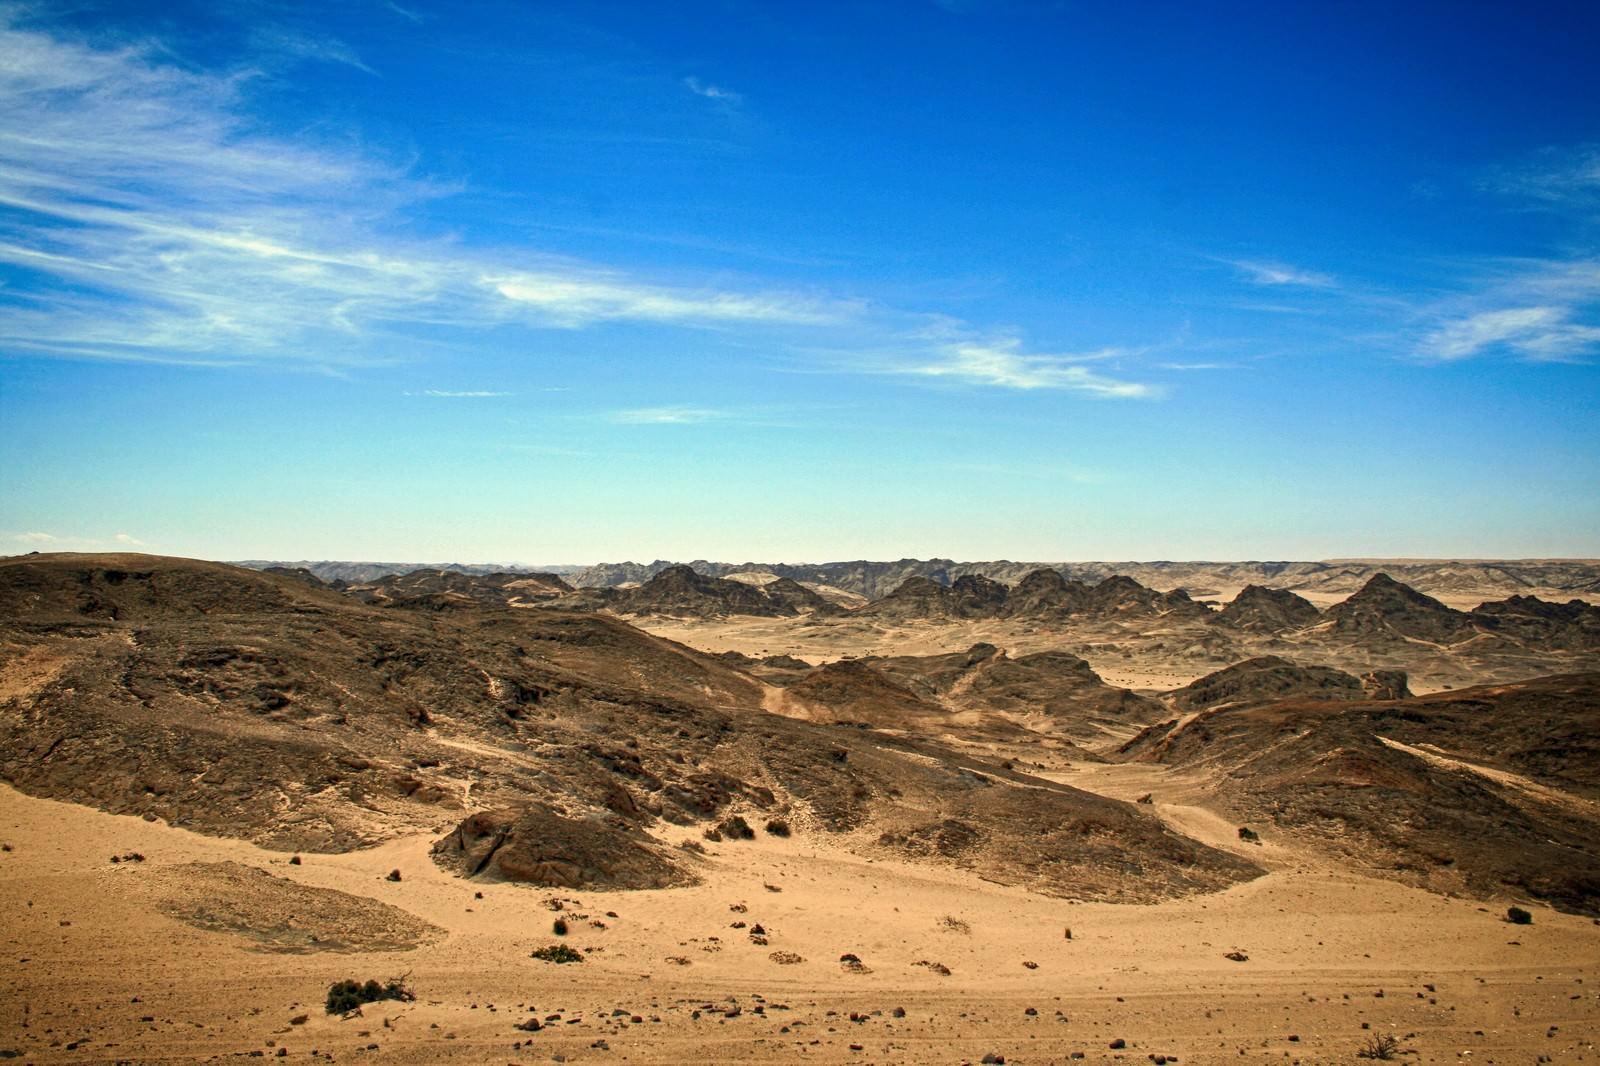 「青空と荒野青空と荒野」のフリー写真素材を拡大